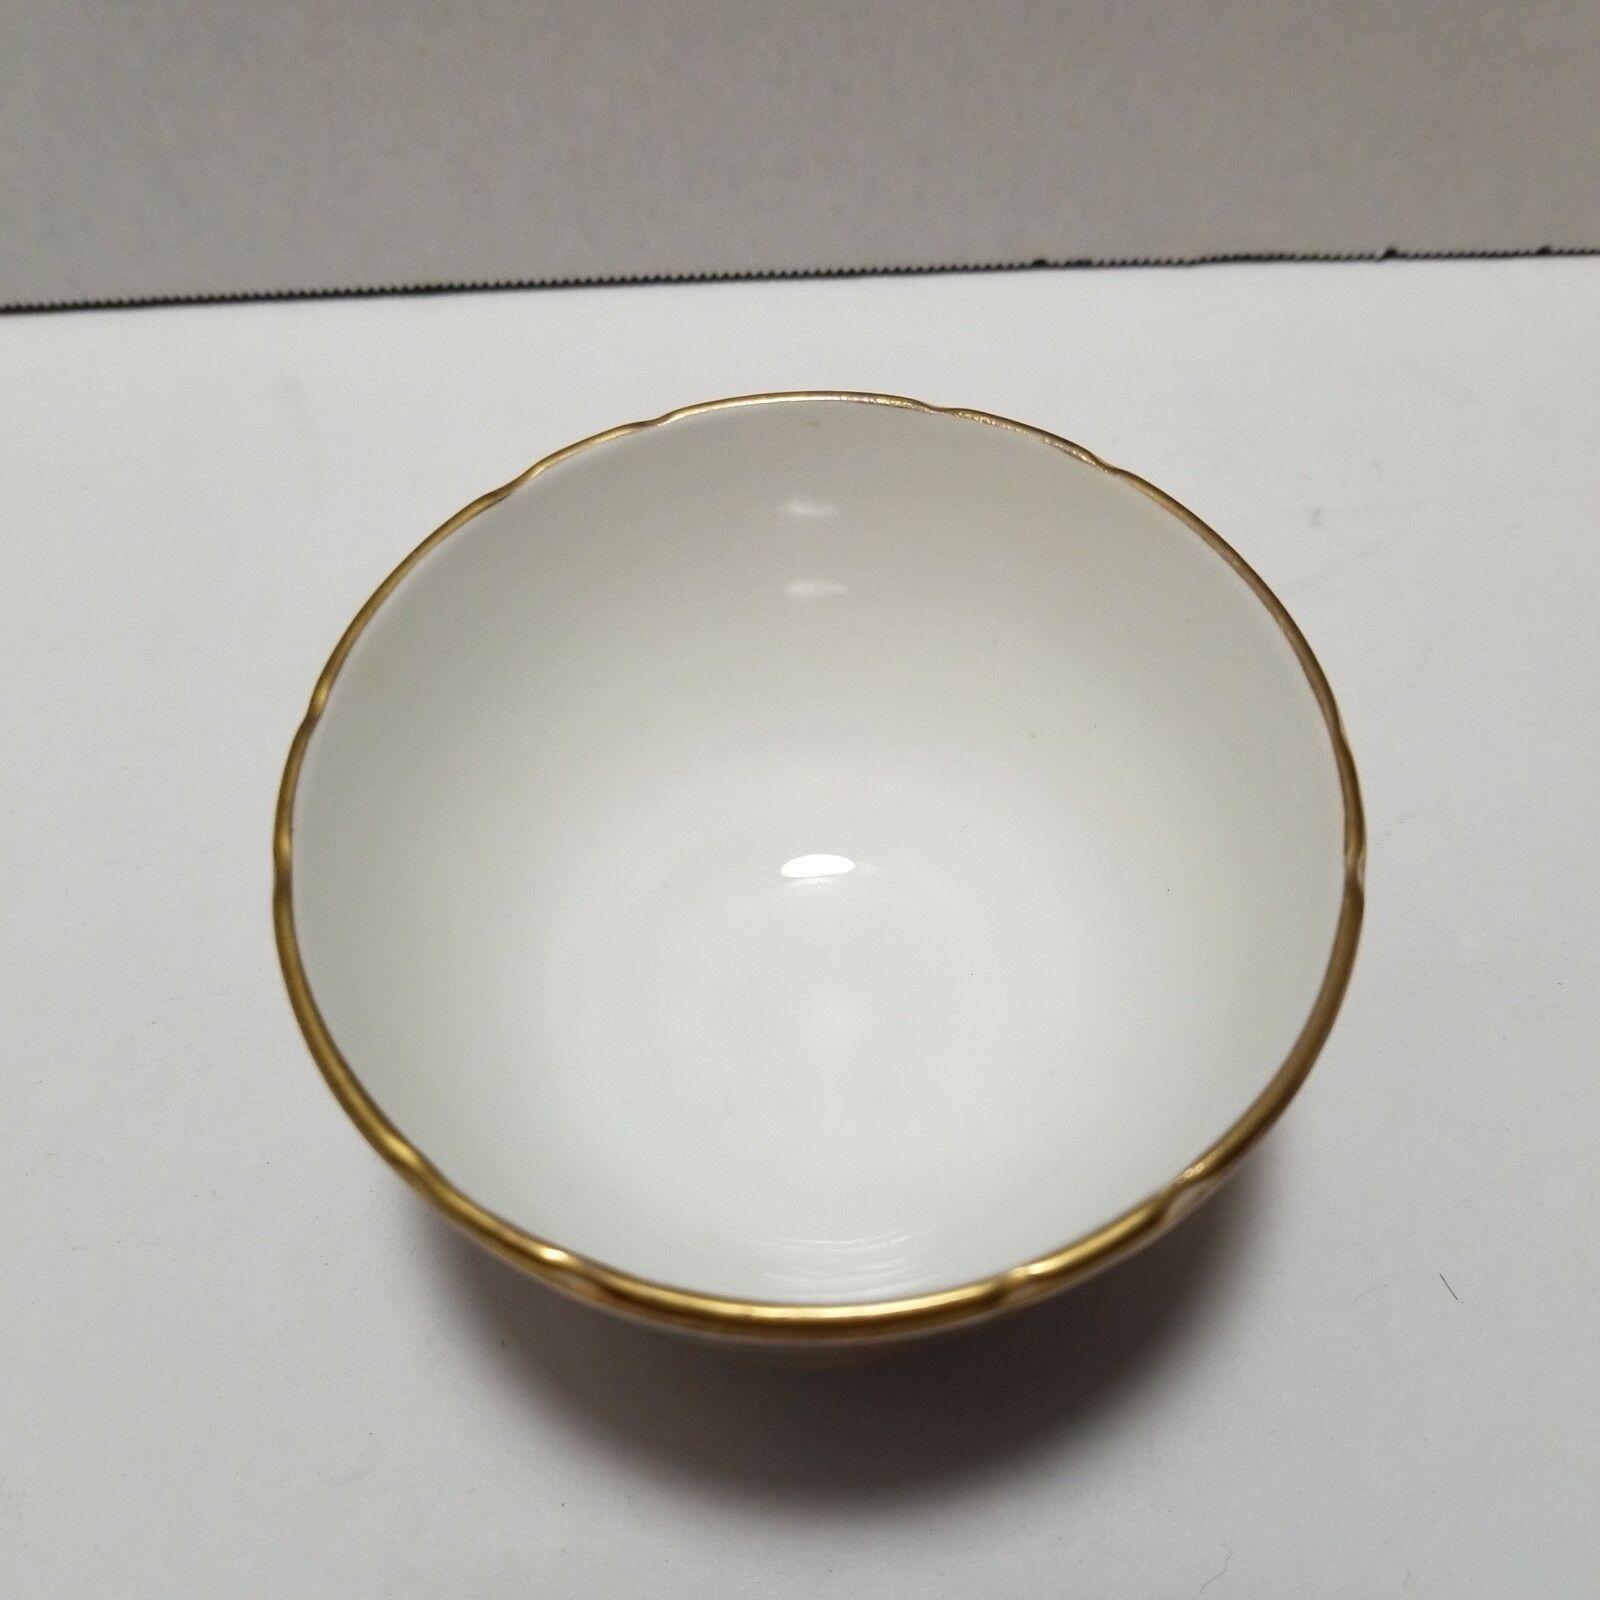 Aynsley Orchard Gold Mini Sugar Bowl and Creamer Set image 5